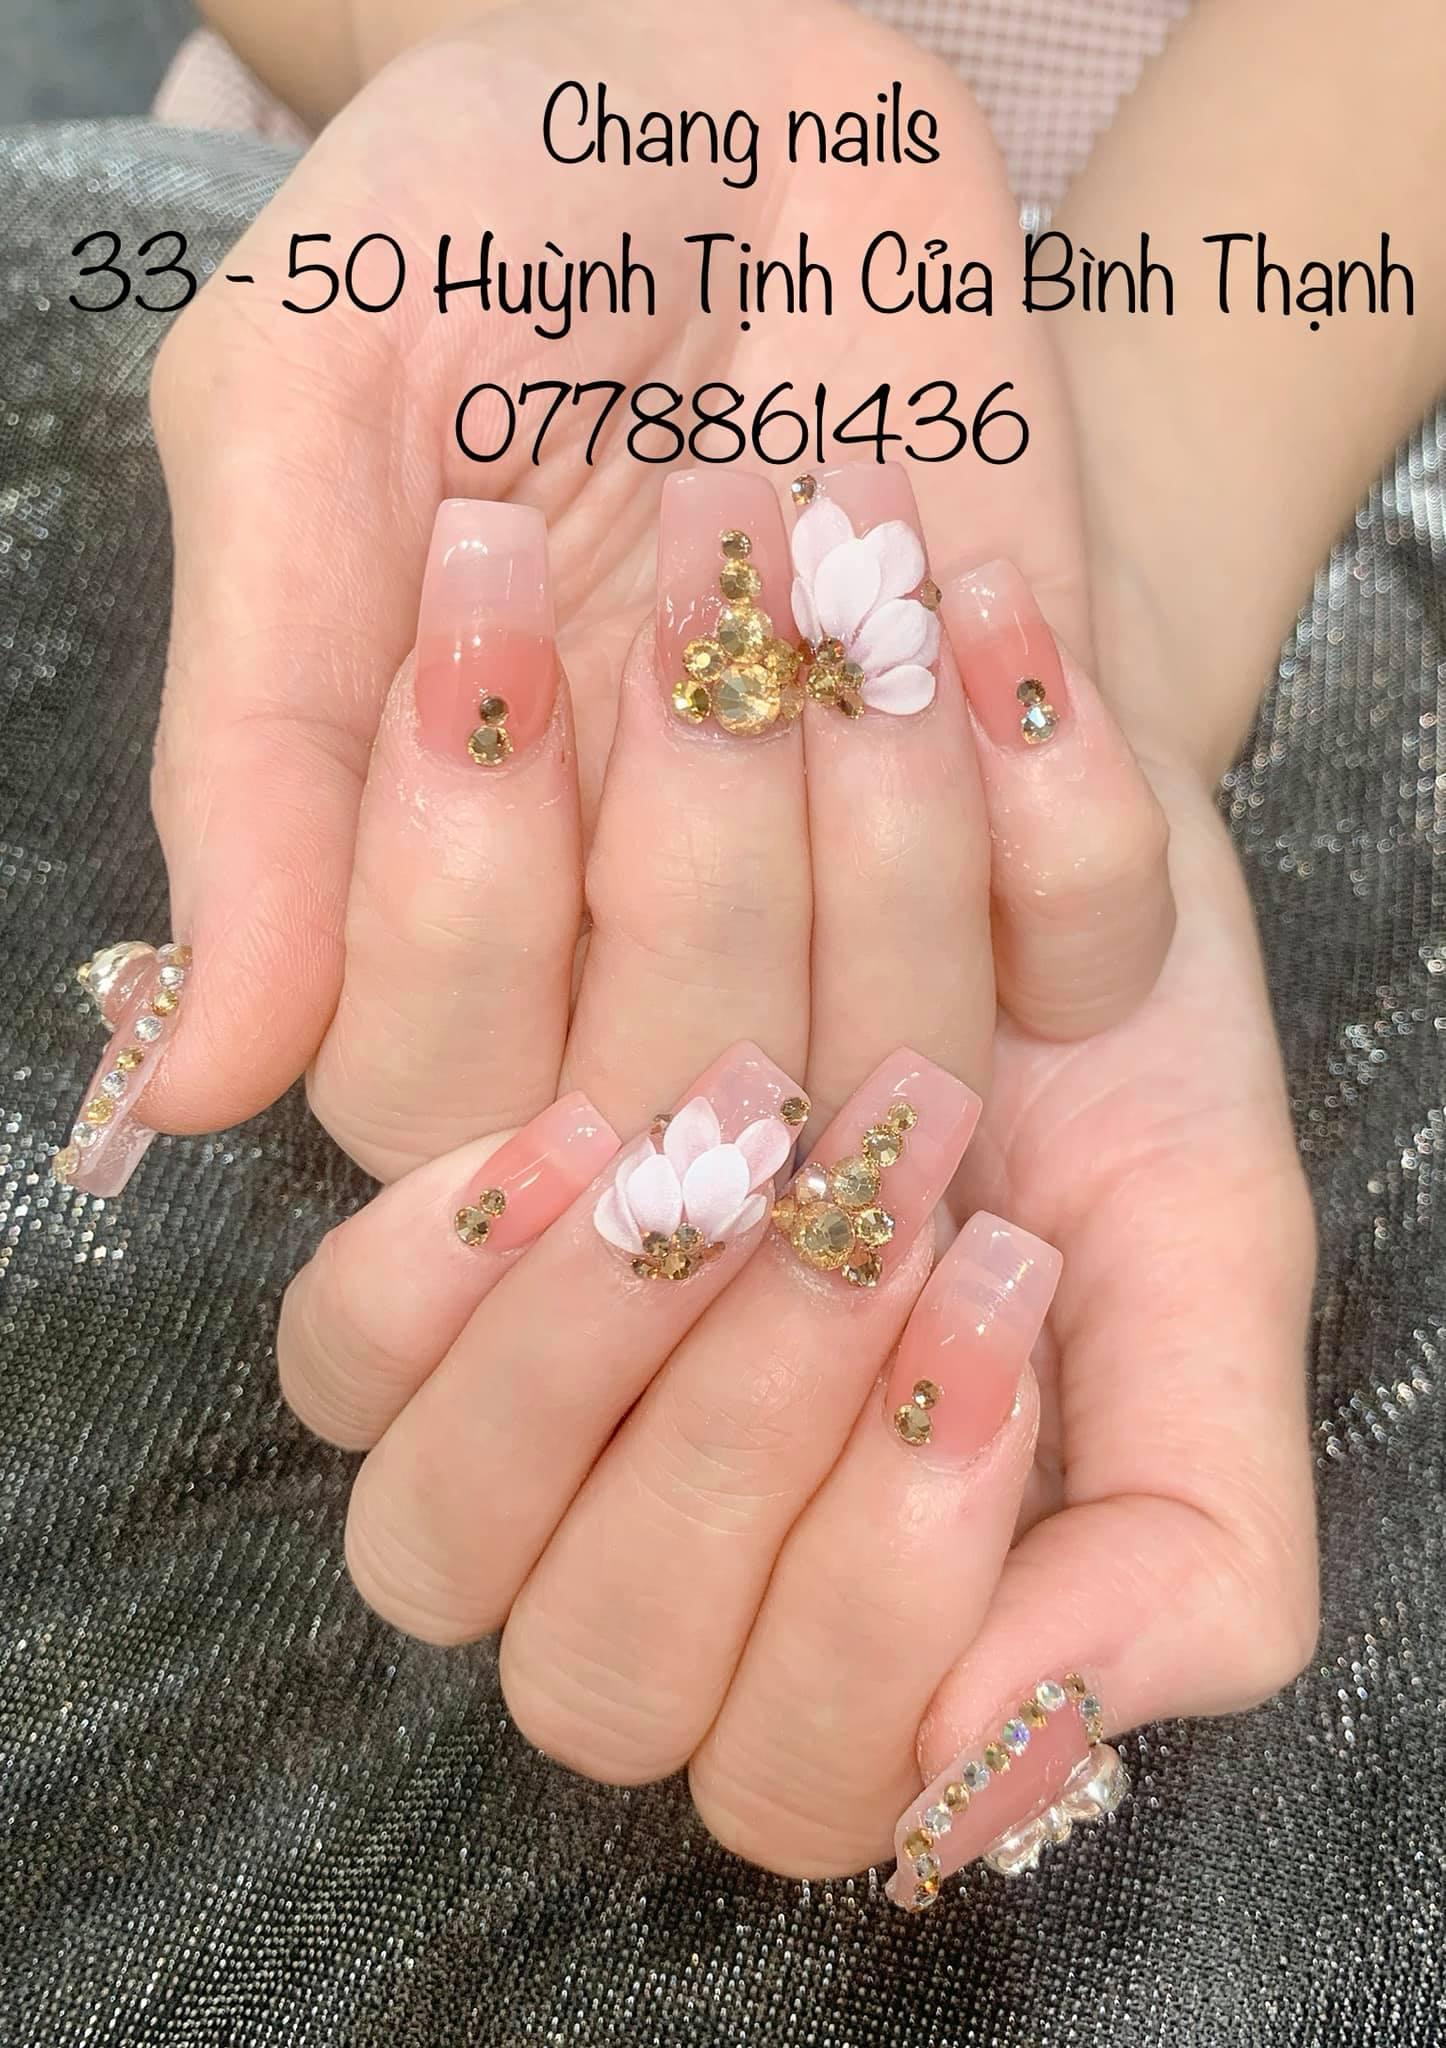 tiệm Chang nails